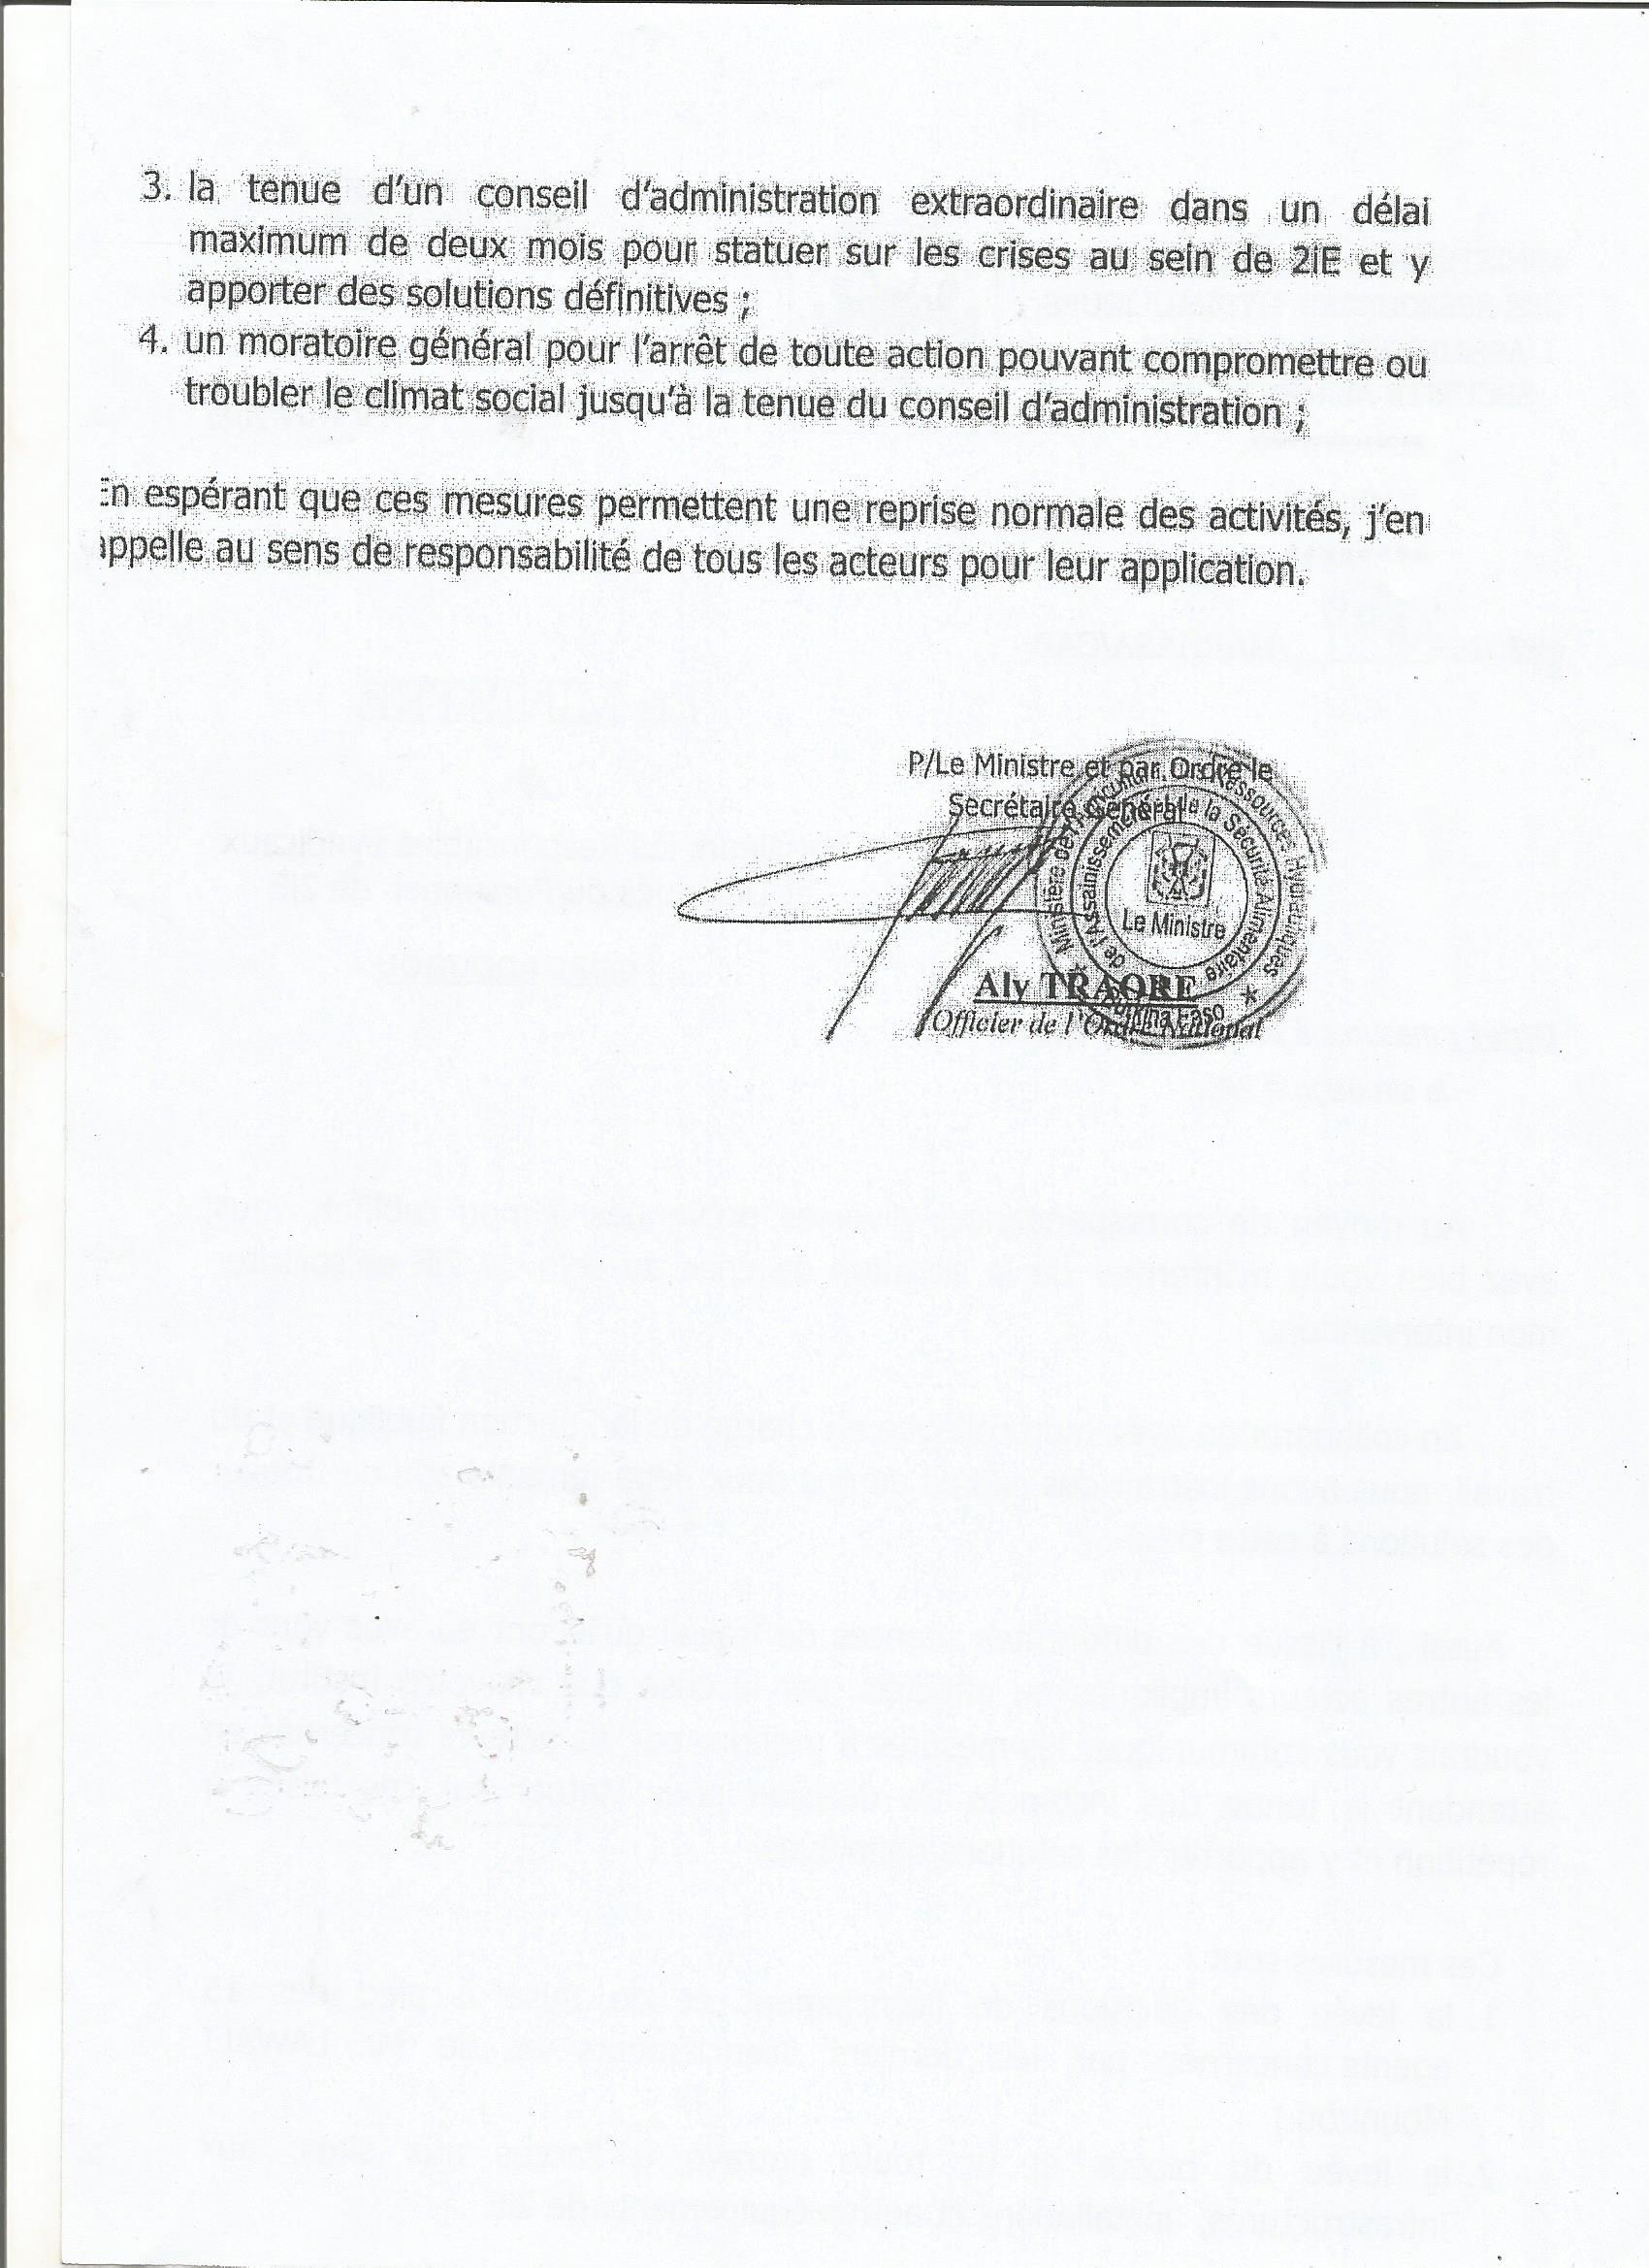 La suite de la lettre du ministre de l'agriculture des ressources hydrauliques, de l'assainissement et de la sécurité alimentaire aux responsables syndicaux et délégués personnel de 2iE.